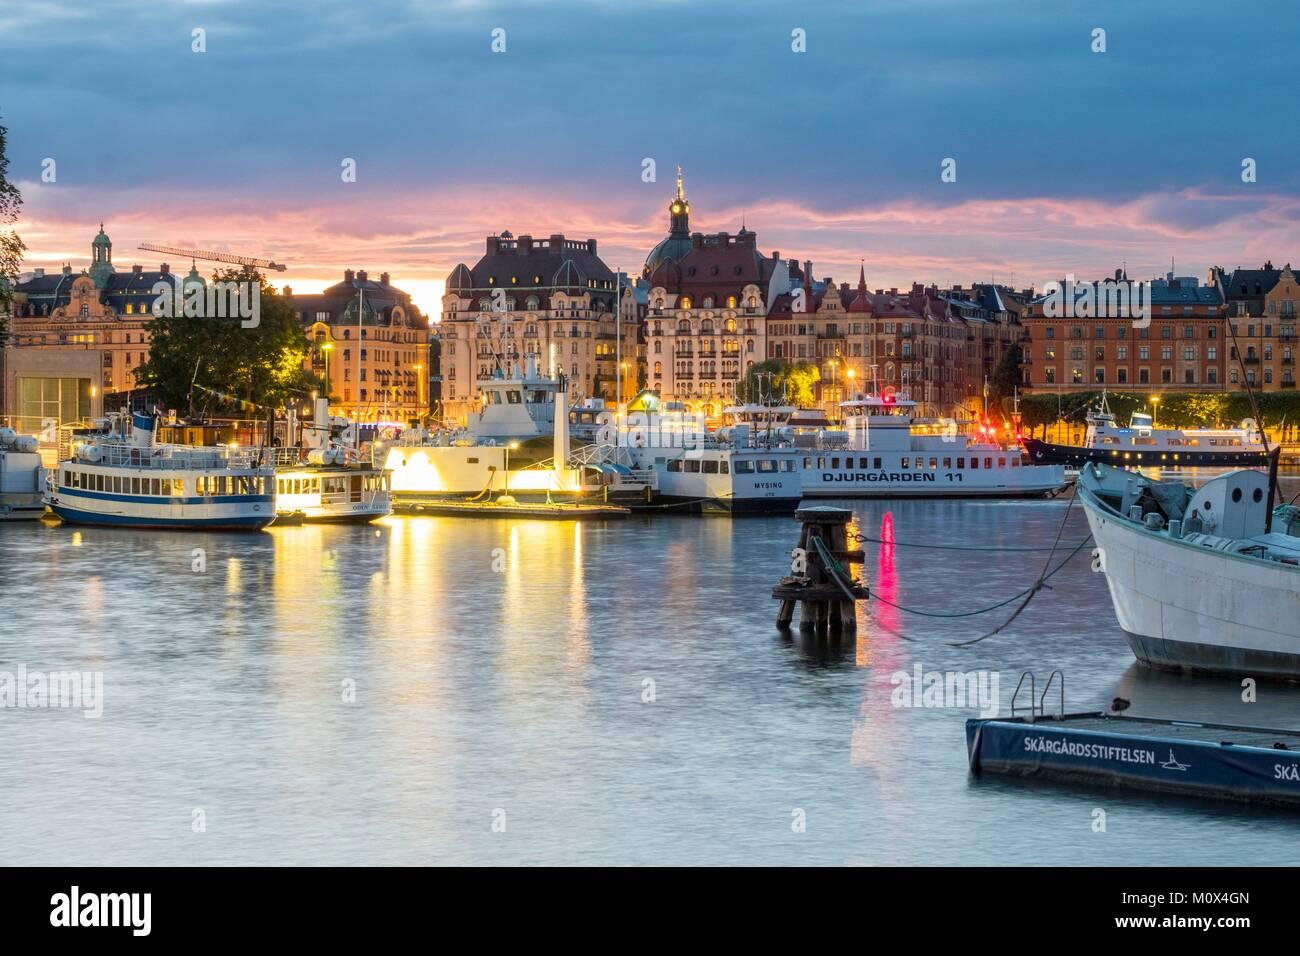 La Svezia,Stoccolma,Gamla Stan isola,la città vecchia Immagini Stock